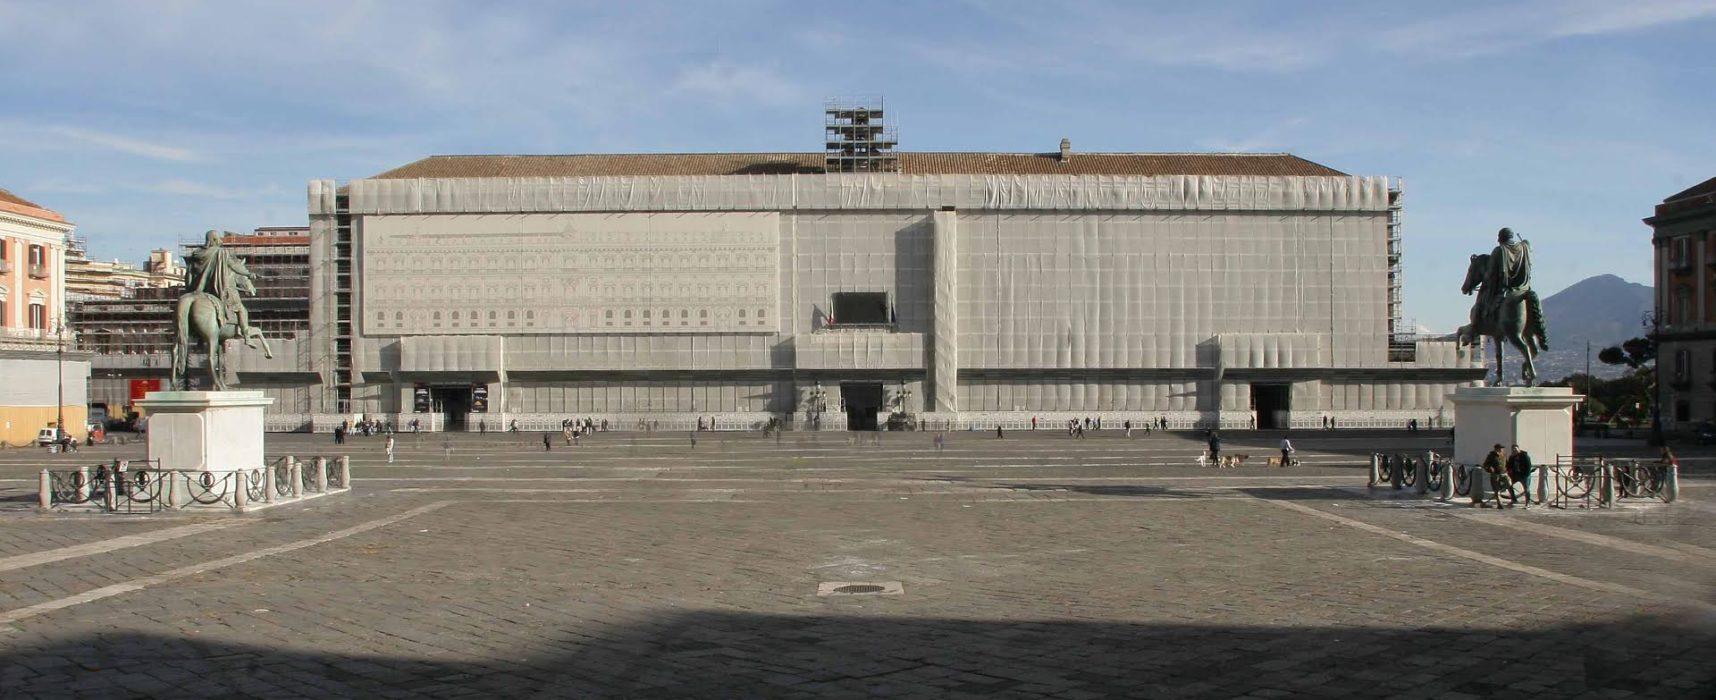 Palazzo Reale tra incognite novità e fine restauri